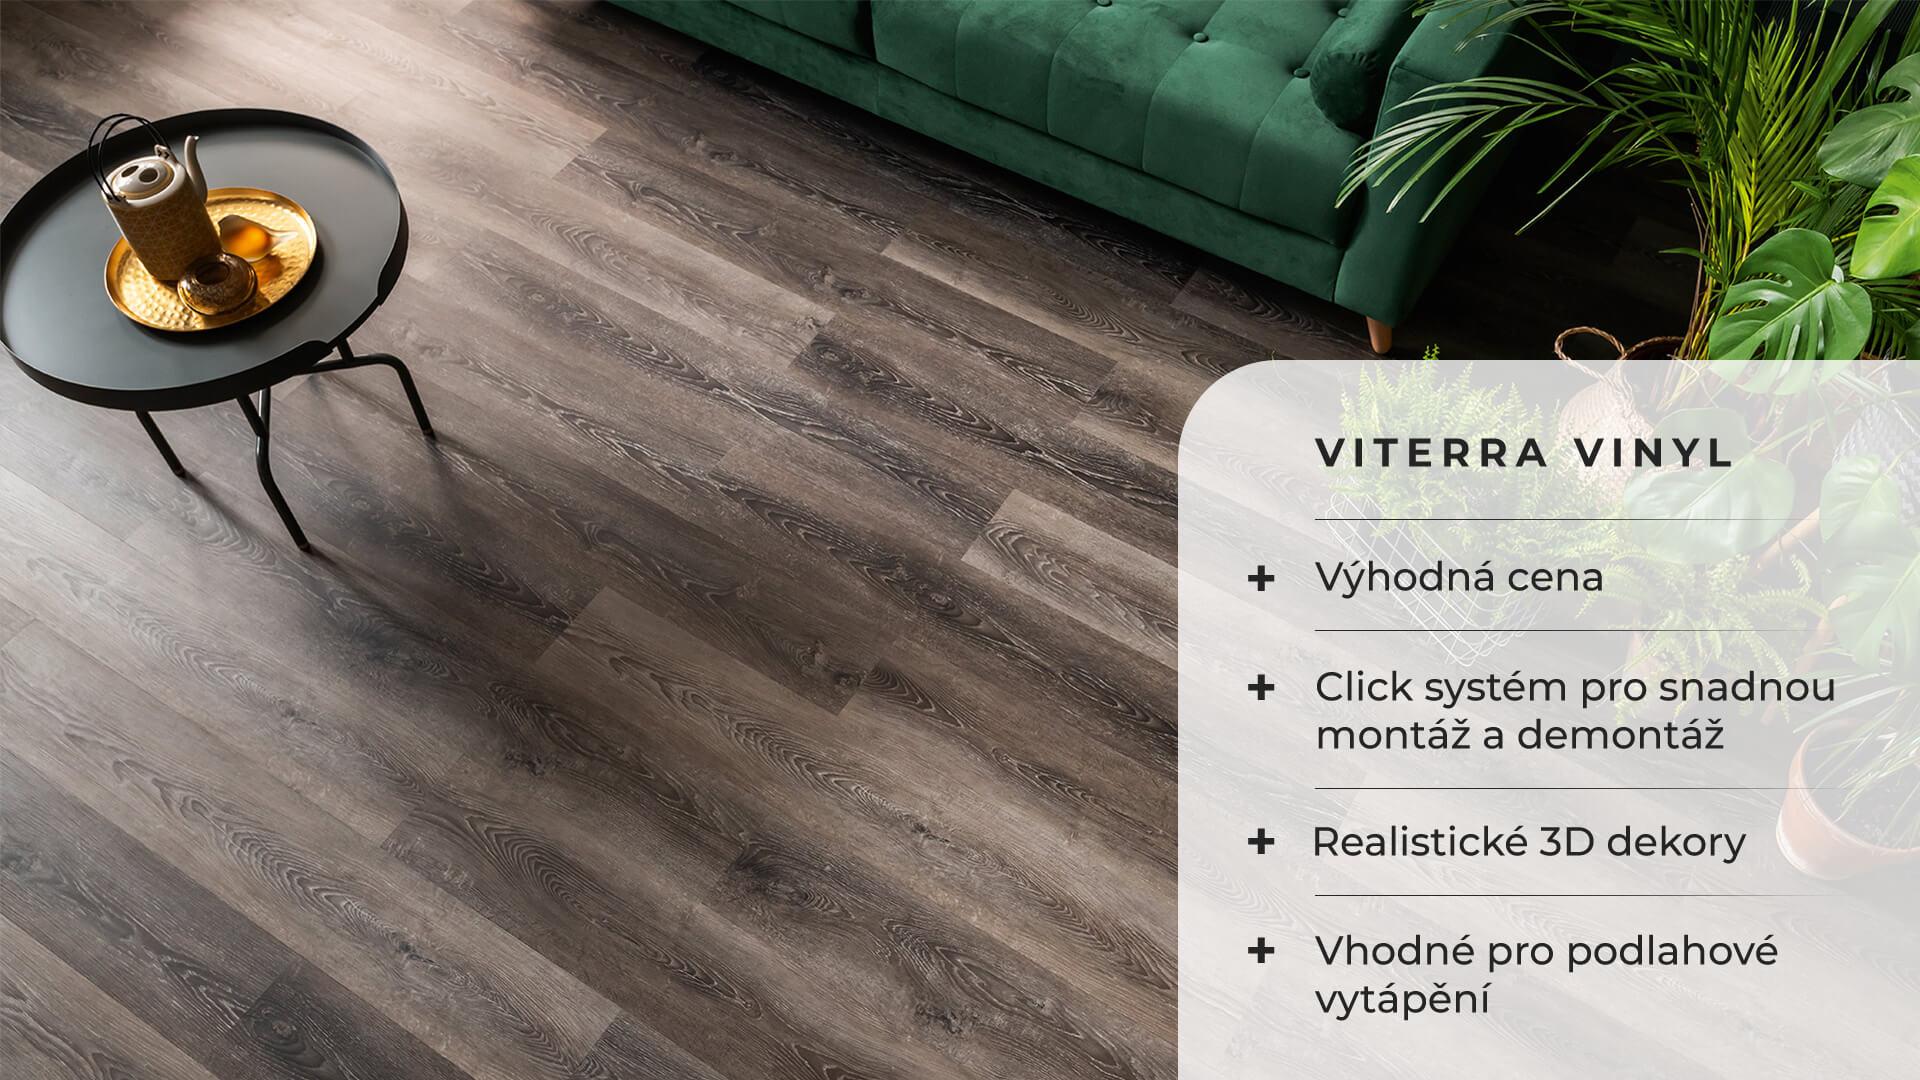 Vinylová podlaha Viterra